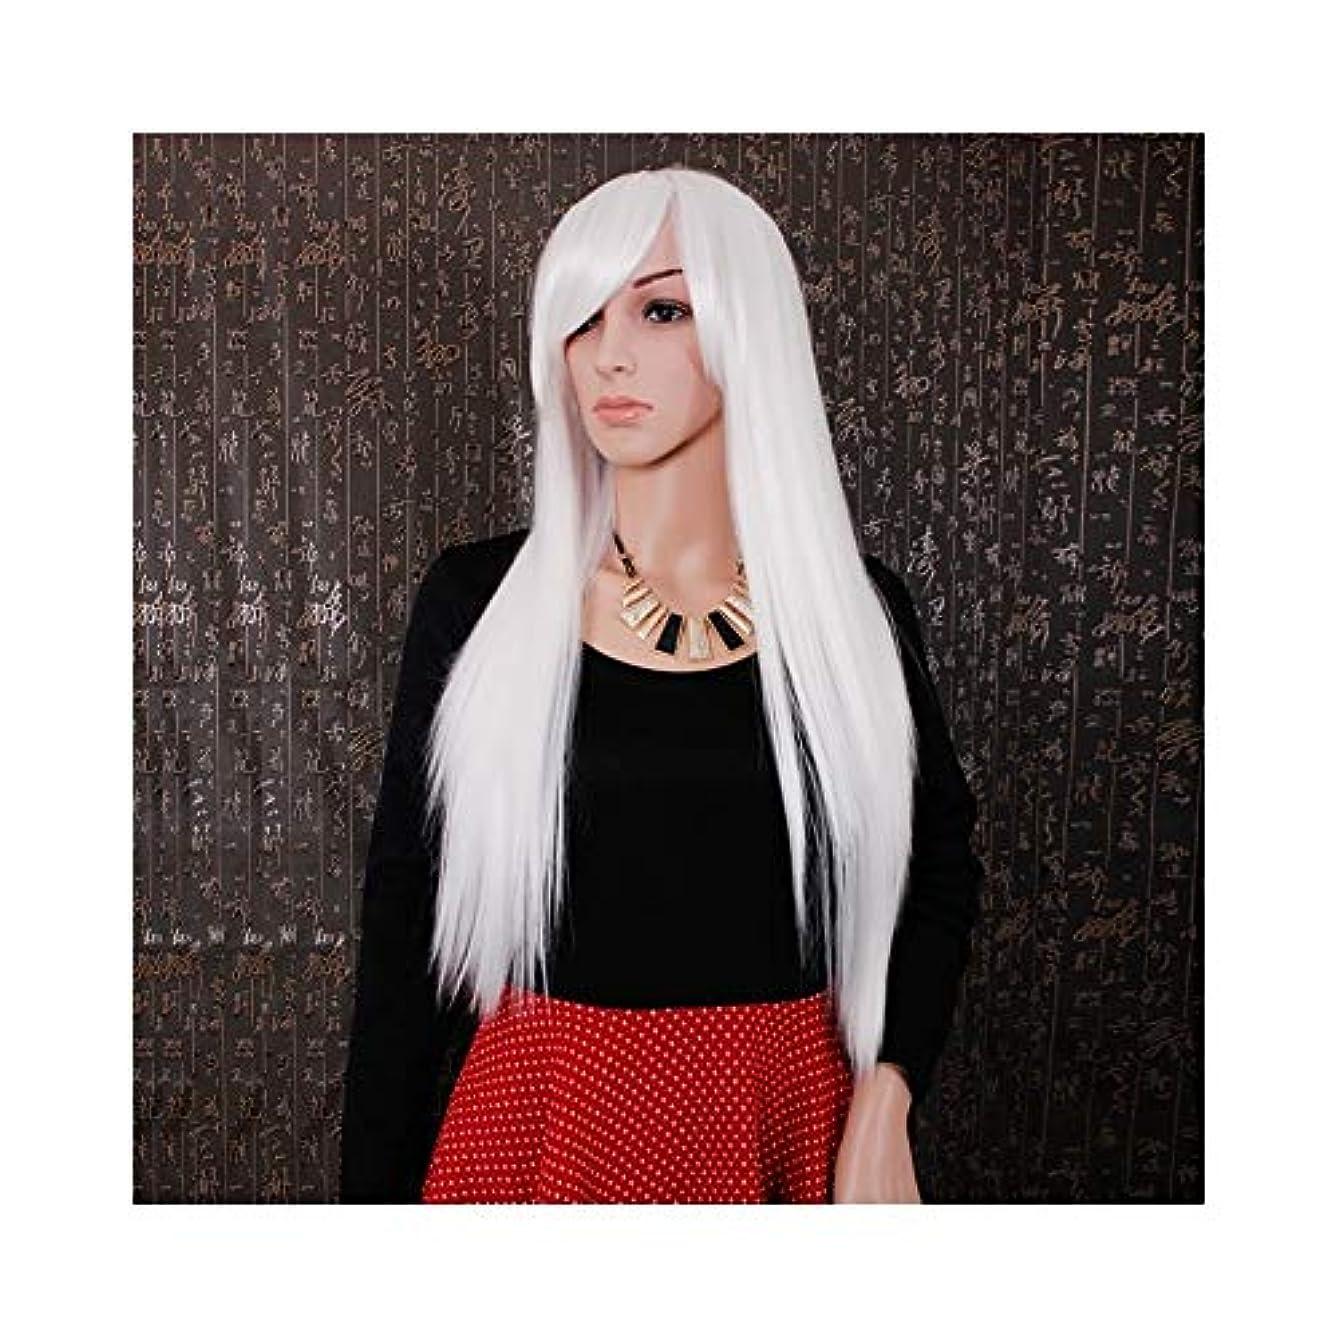 ウィッグ つけ毛 合成髪の女性のための斜めの部分コスプレ衣装デイリーパーティーウィッグ付きの白いロングストレートヘアウィッグ (色 : ホワイト, サイズ : 30